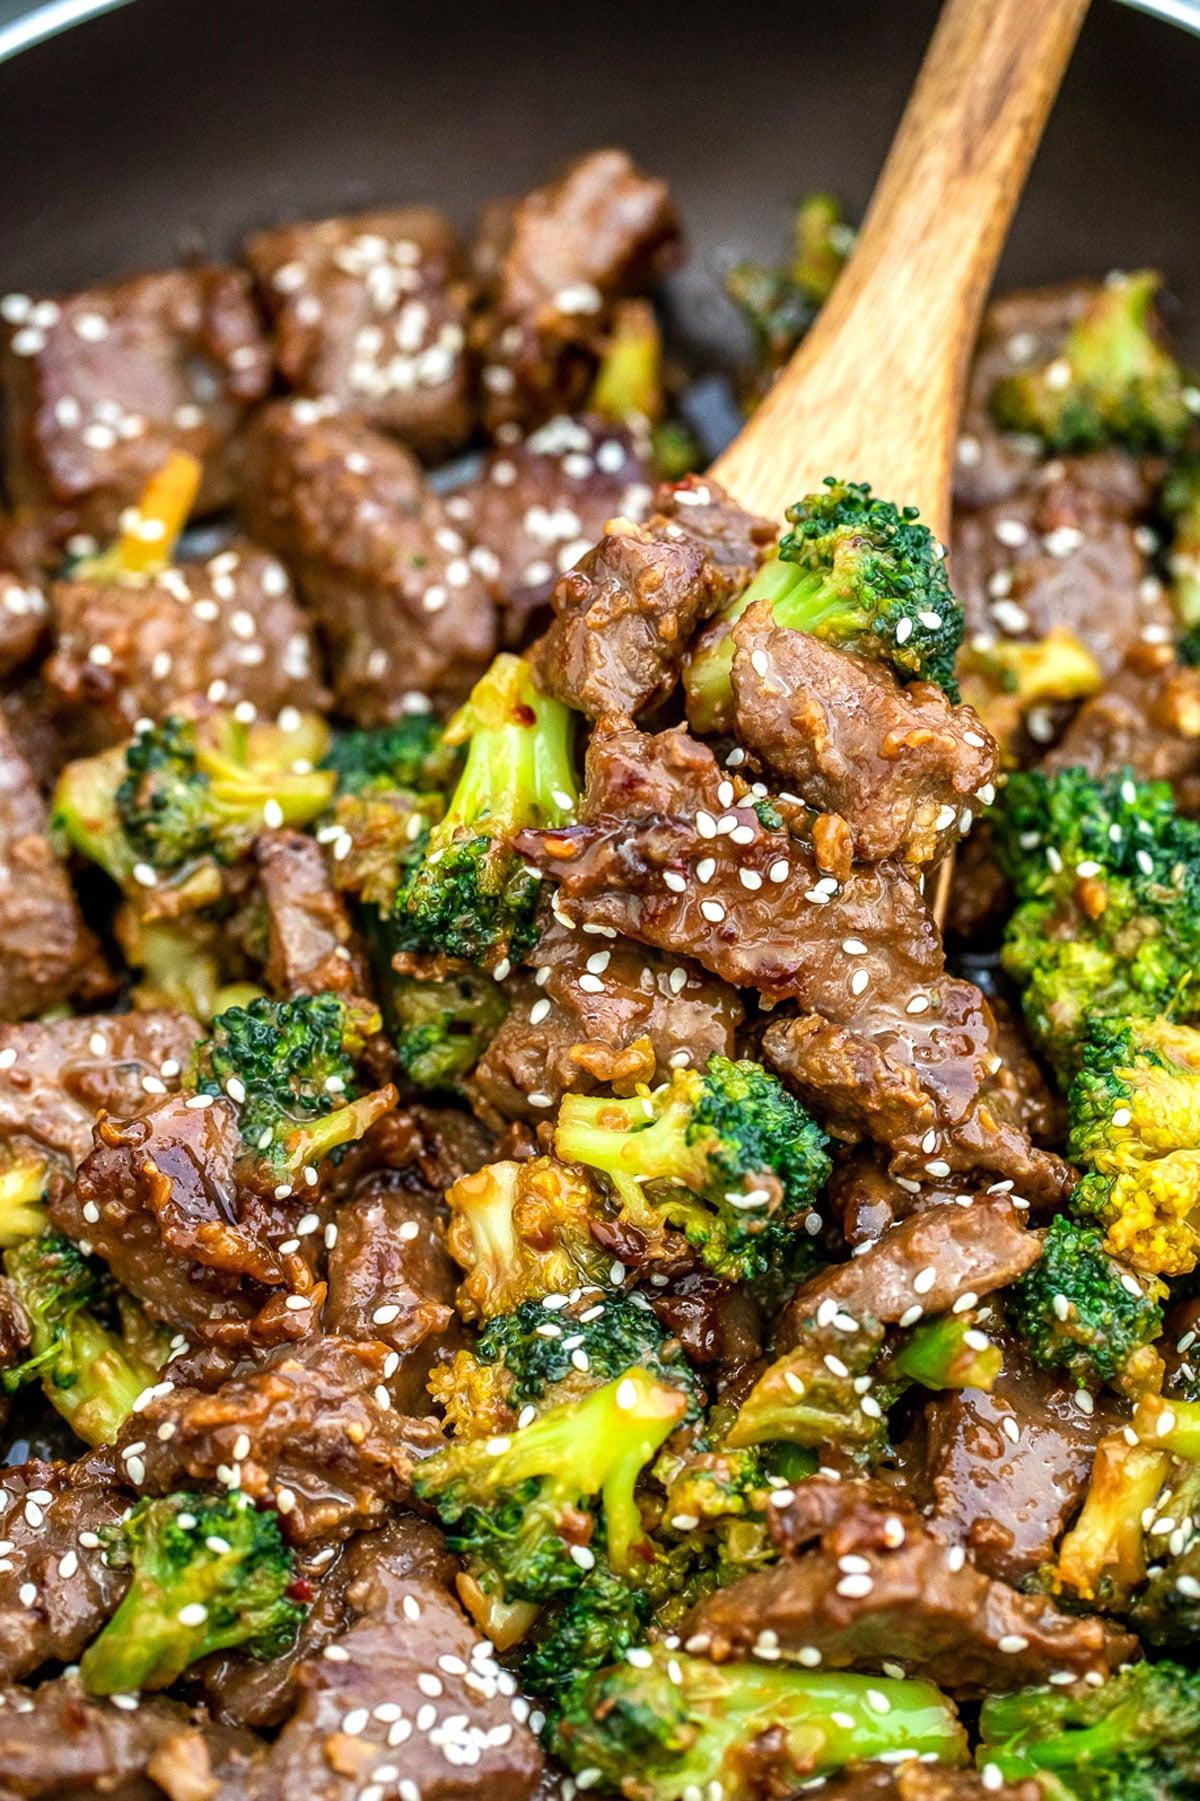 Teriyaki Beef And Broccoli Sweet And Savory Meals